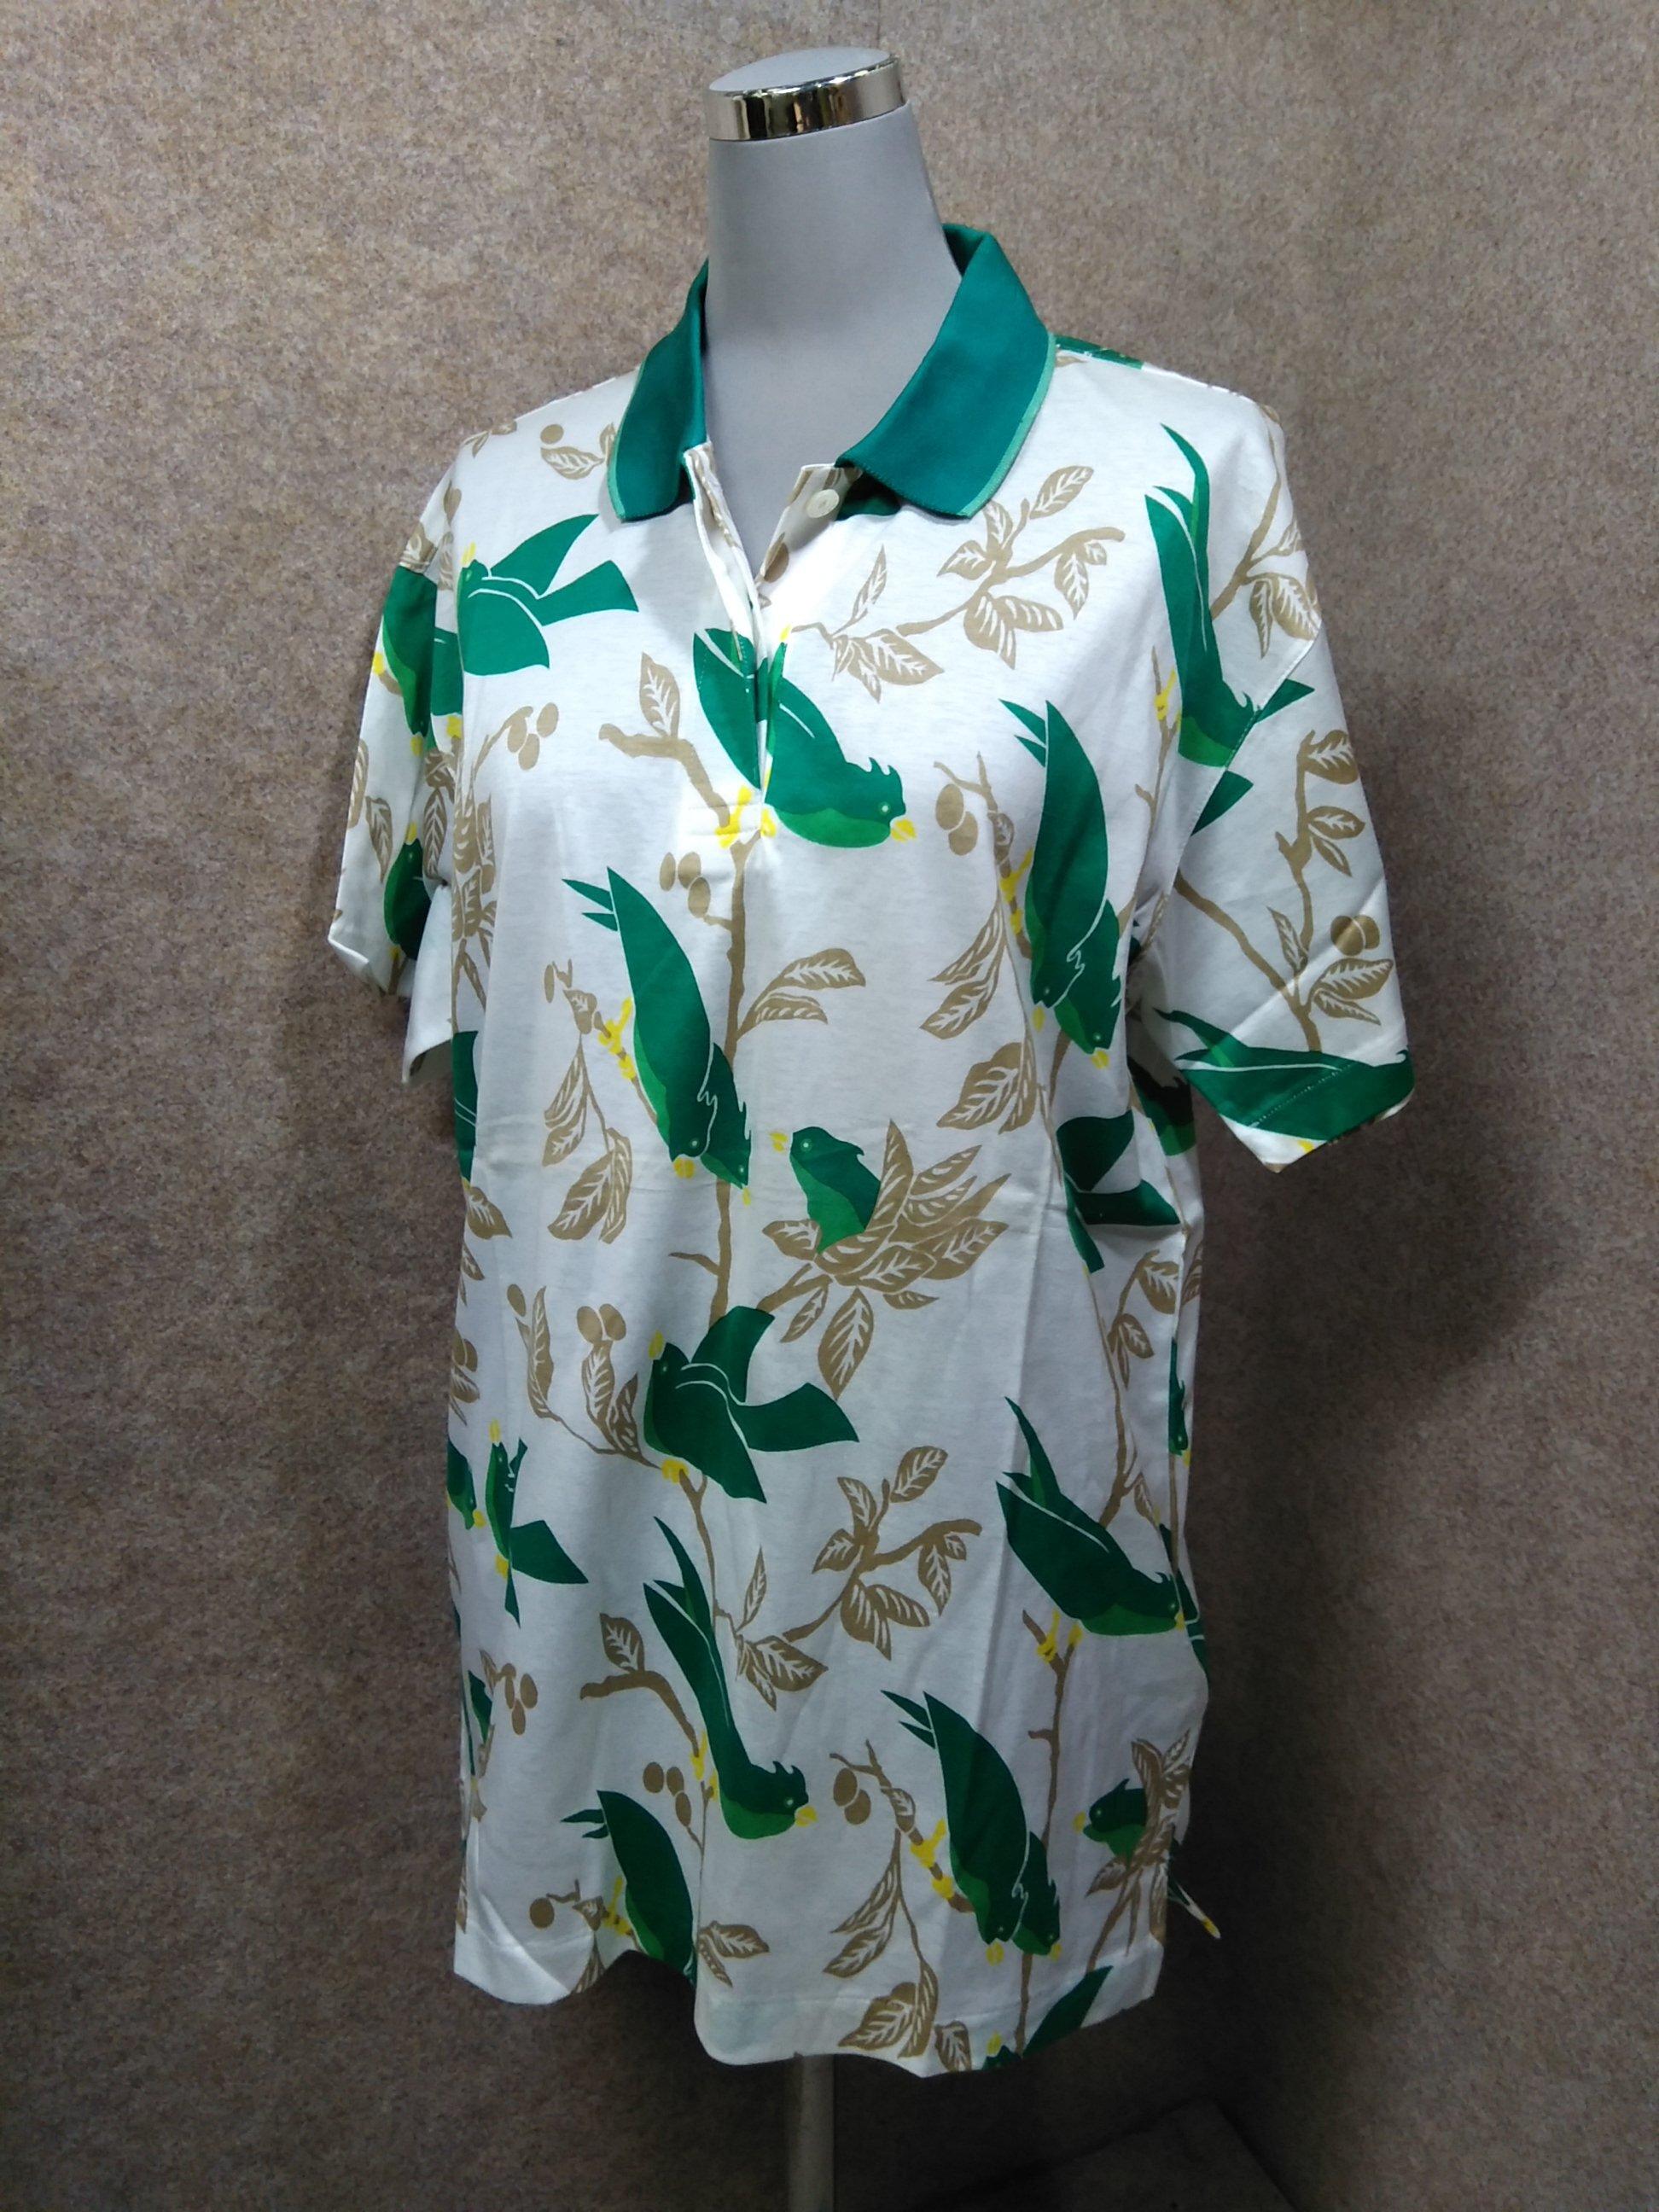 カンサイスポーツプロジェクト レディースポロシャツ L 緑×白系 y1342j